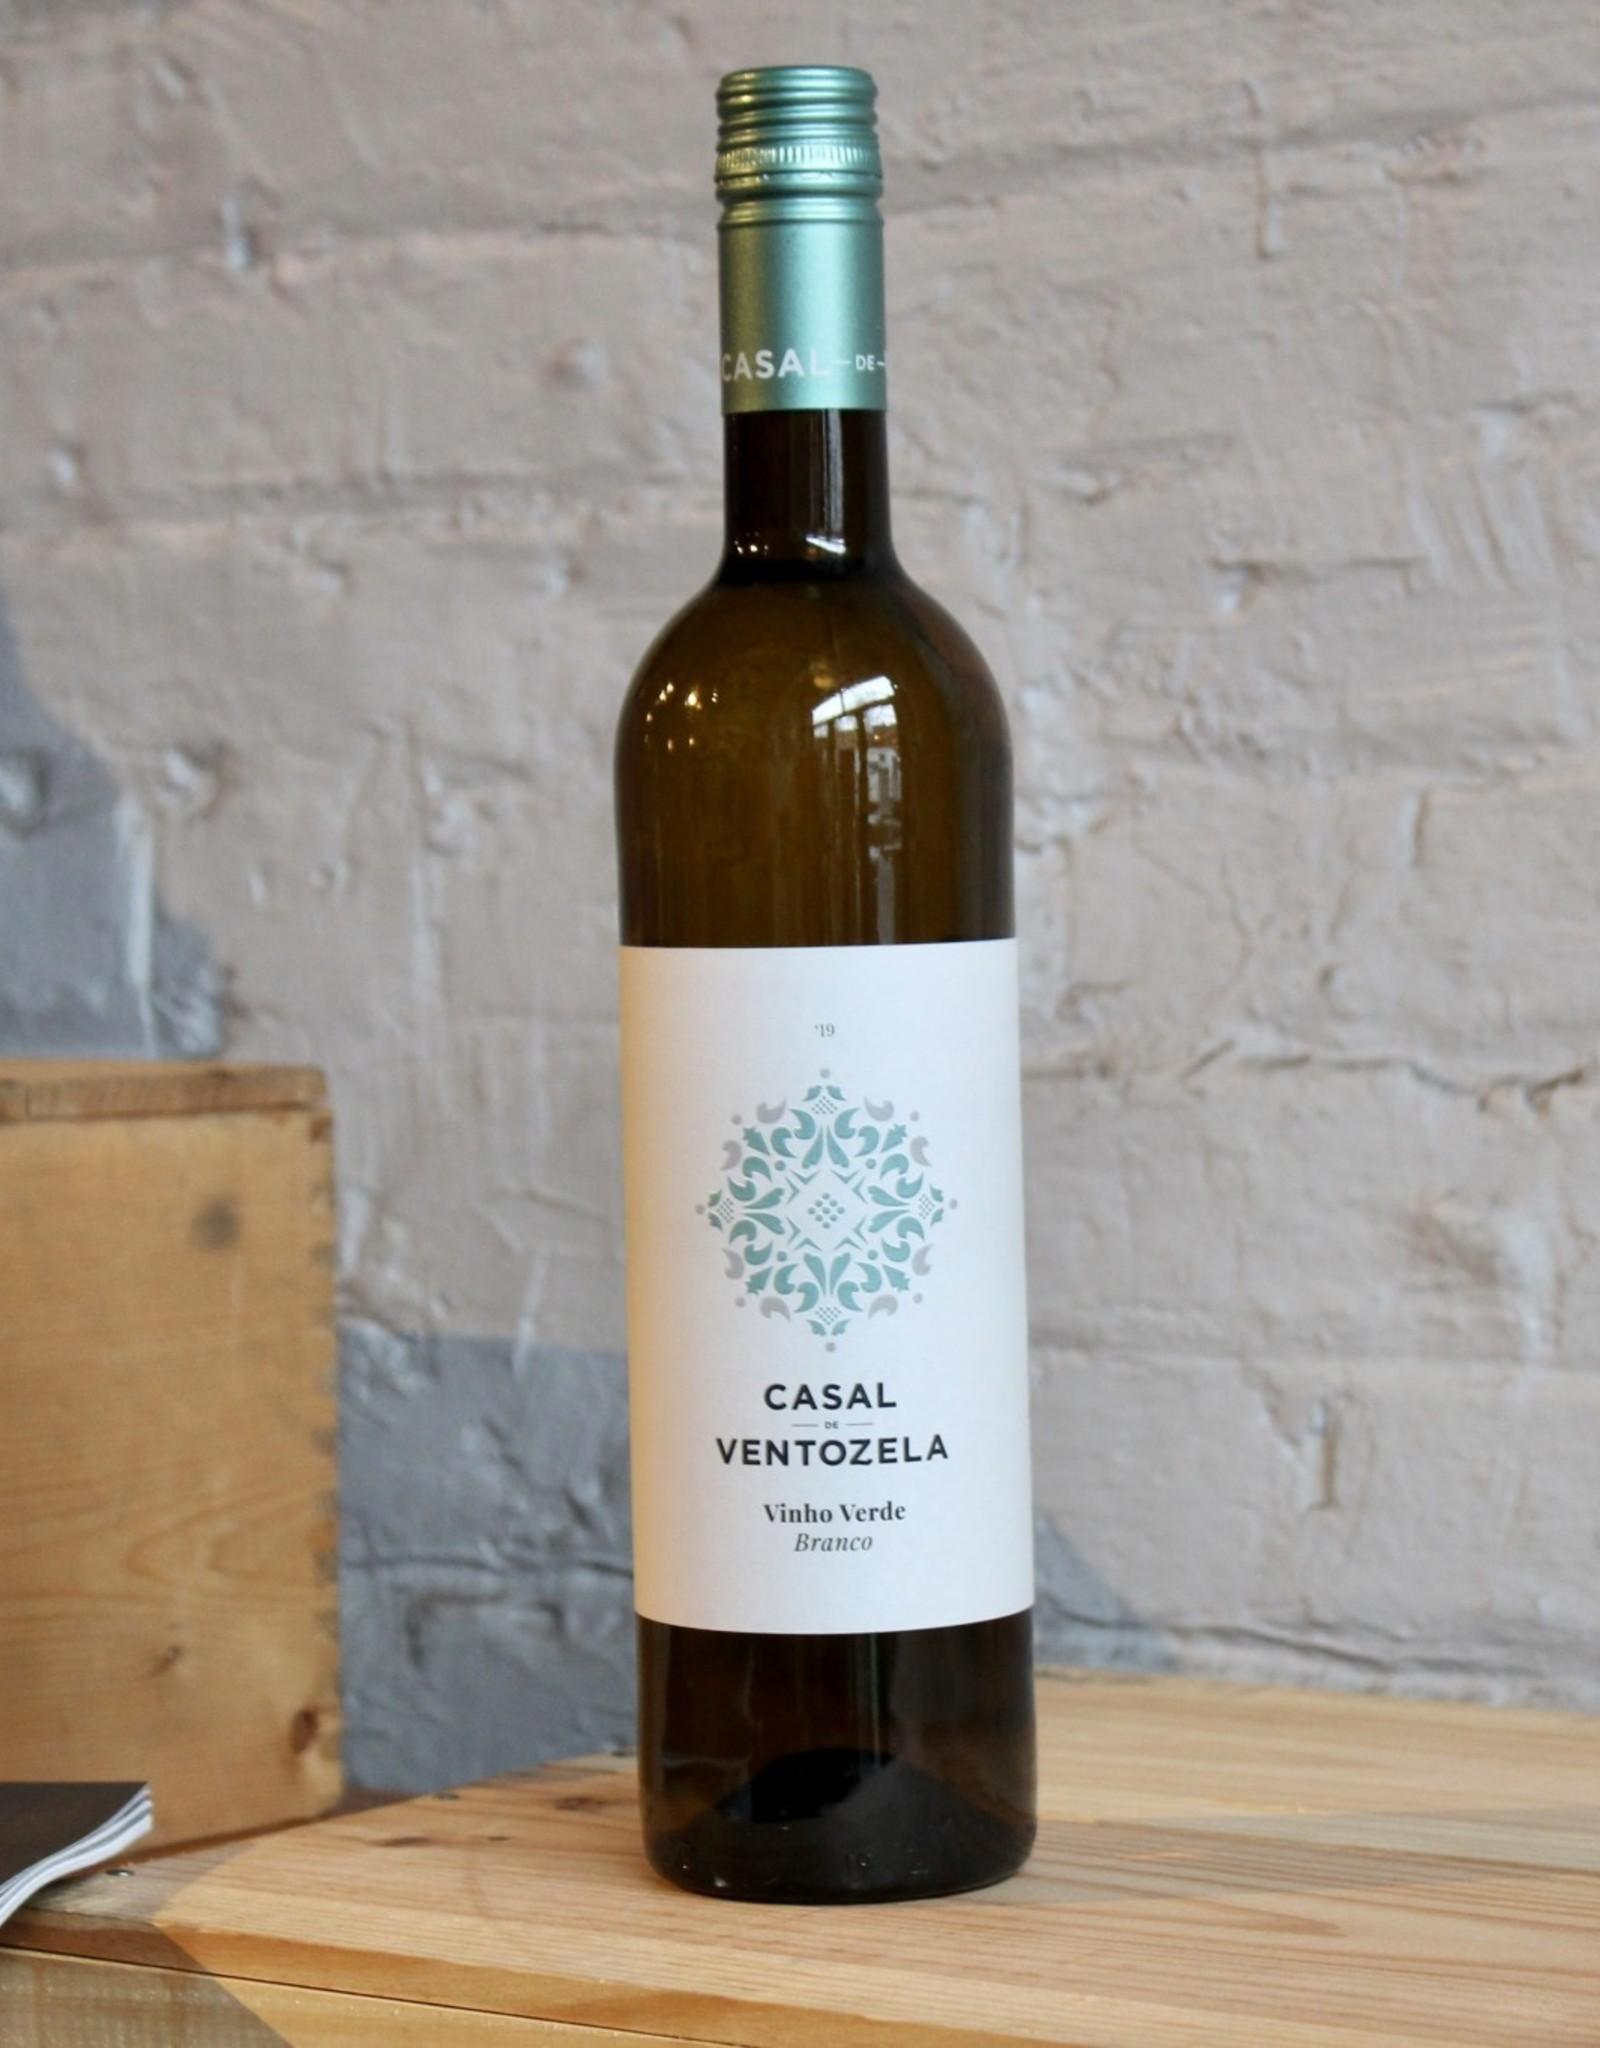 Wine 2019 Casal de Ventozela Vinho Verde - Minho, Portugal (750ml)